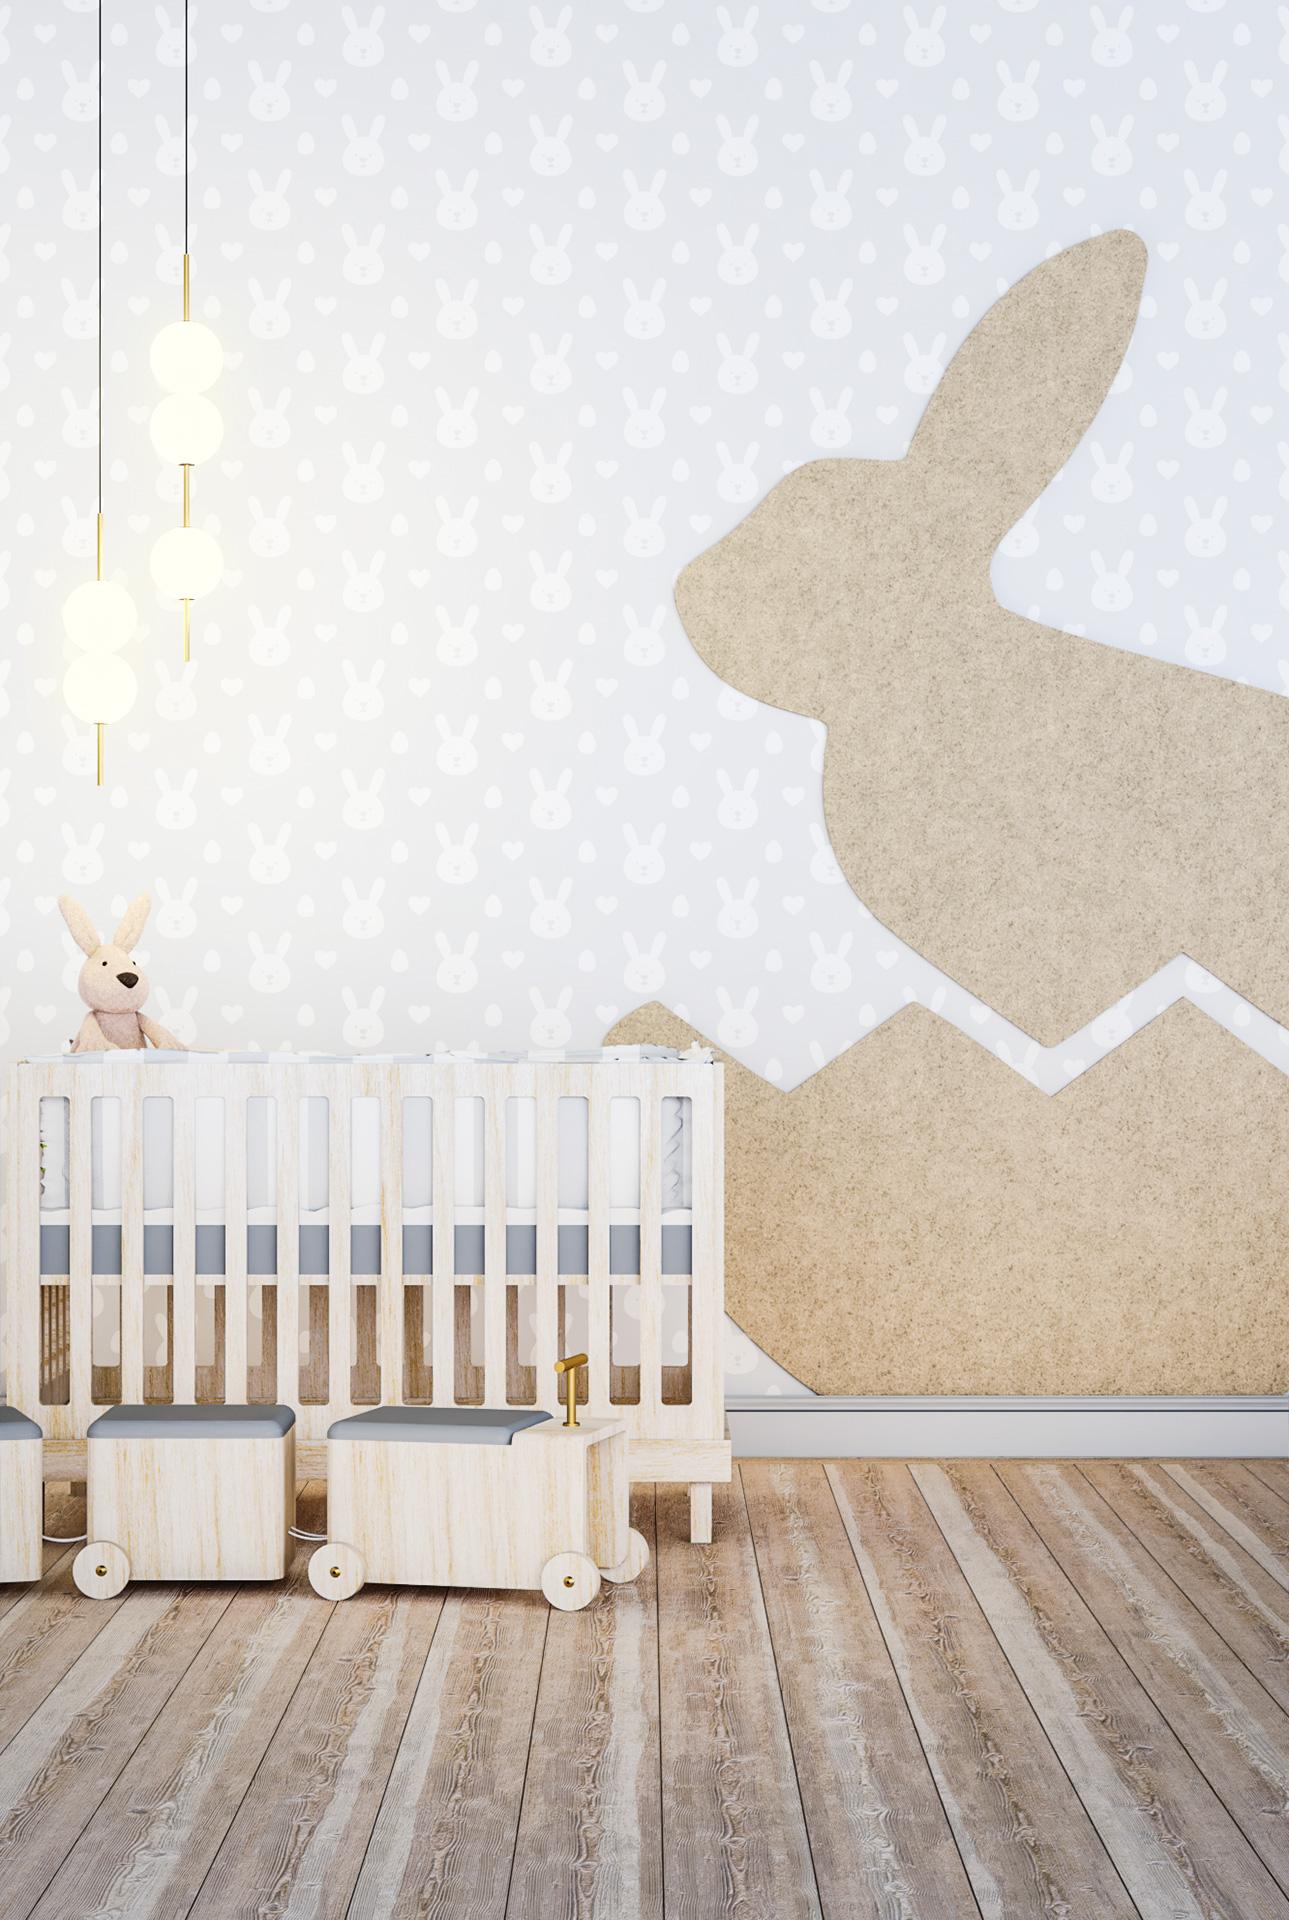 Wizualizacja adaptacji akustycznej pokoju dziecięcego z wykorzystaniem panelu akustycznego EcoPET